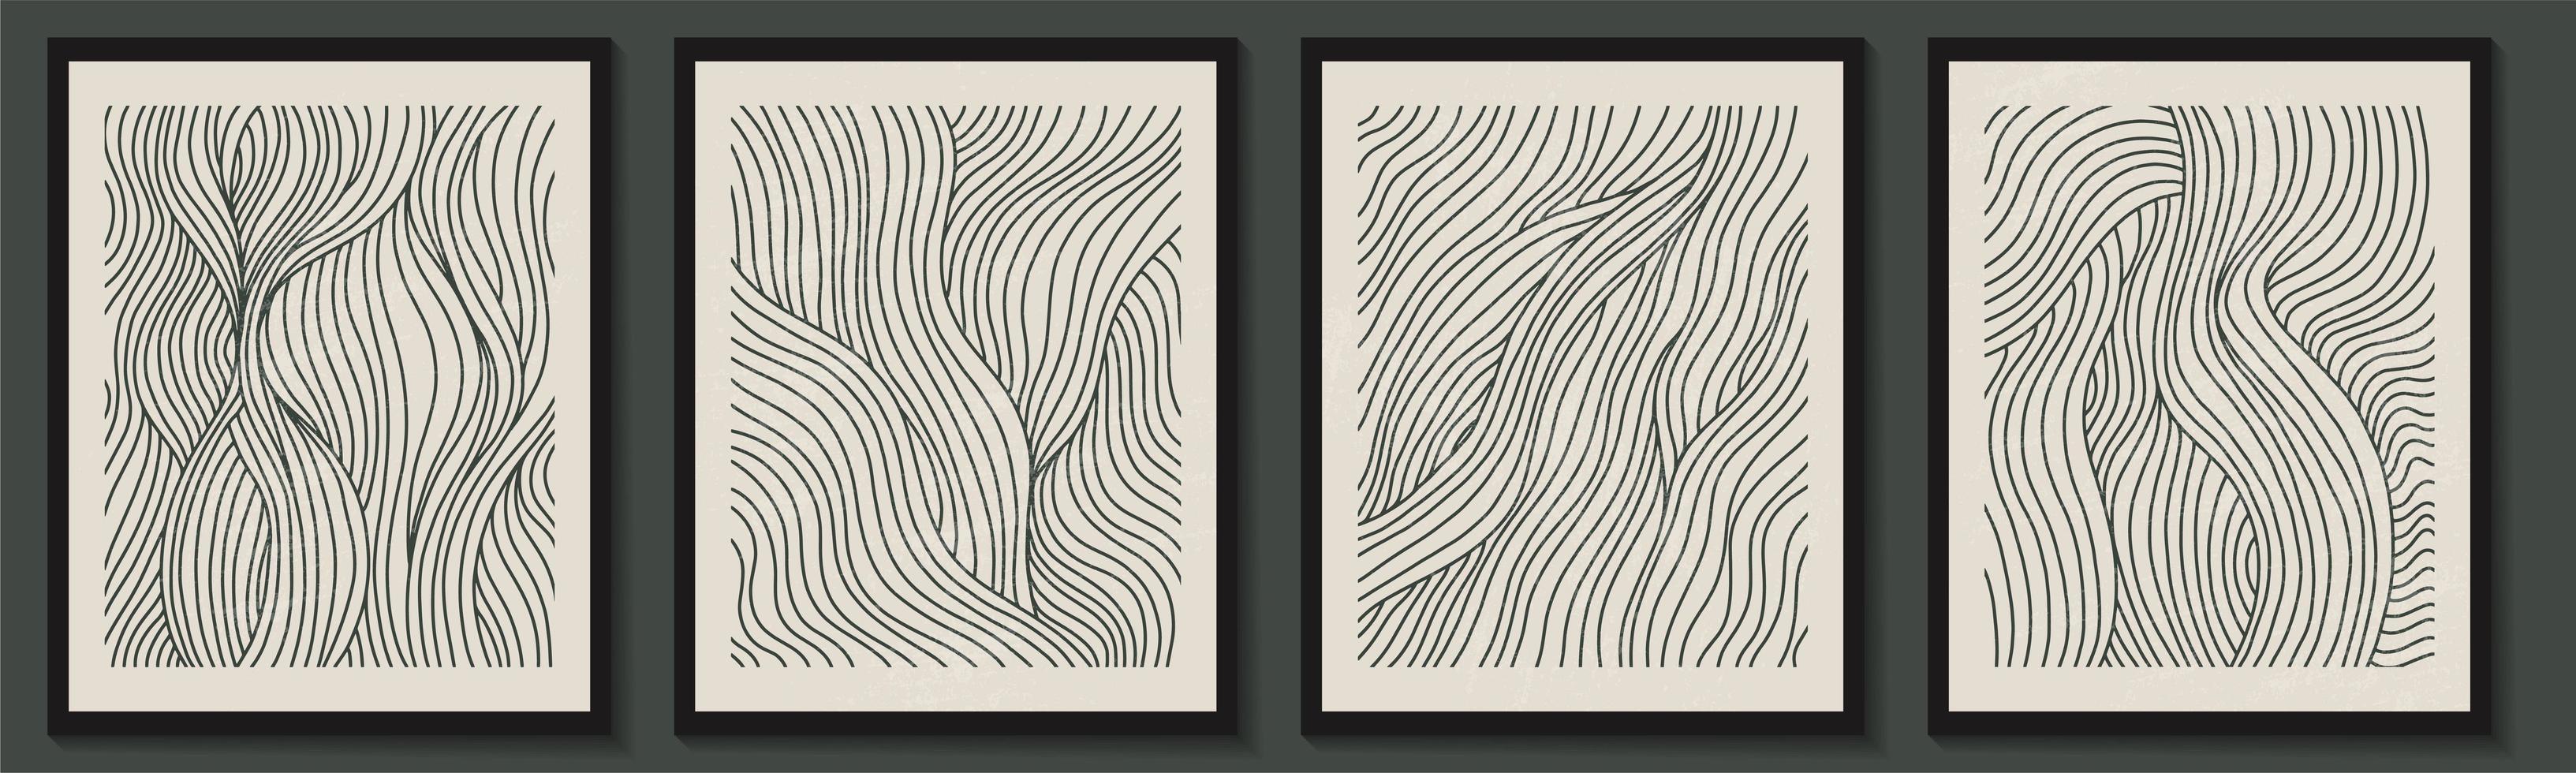 moderno conjunto contemporáneo de composición de formas minimalistas geométricas abstractas vector